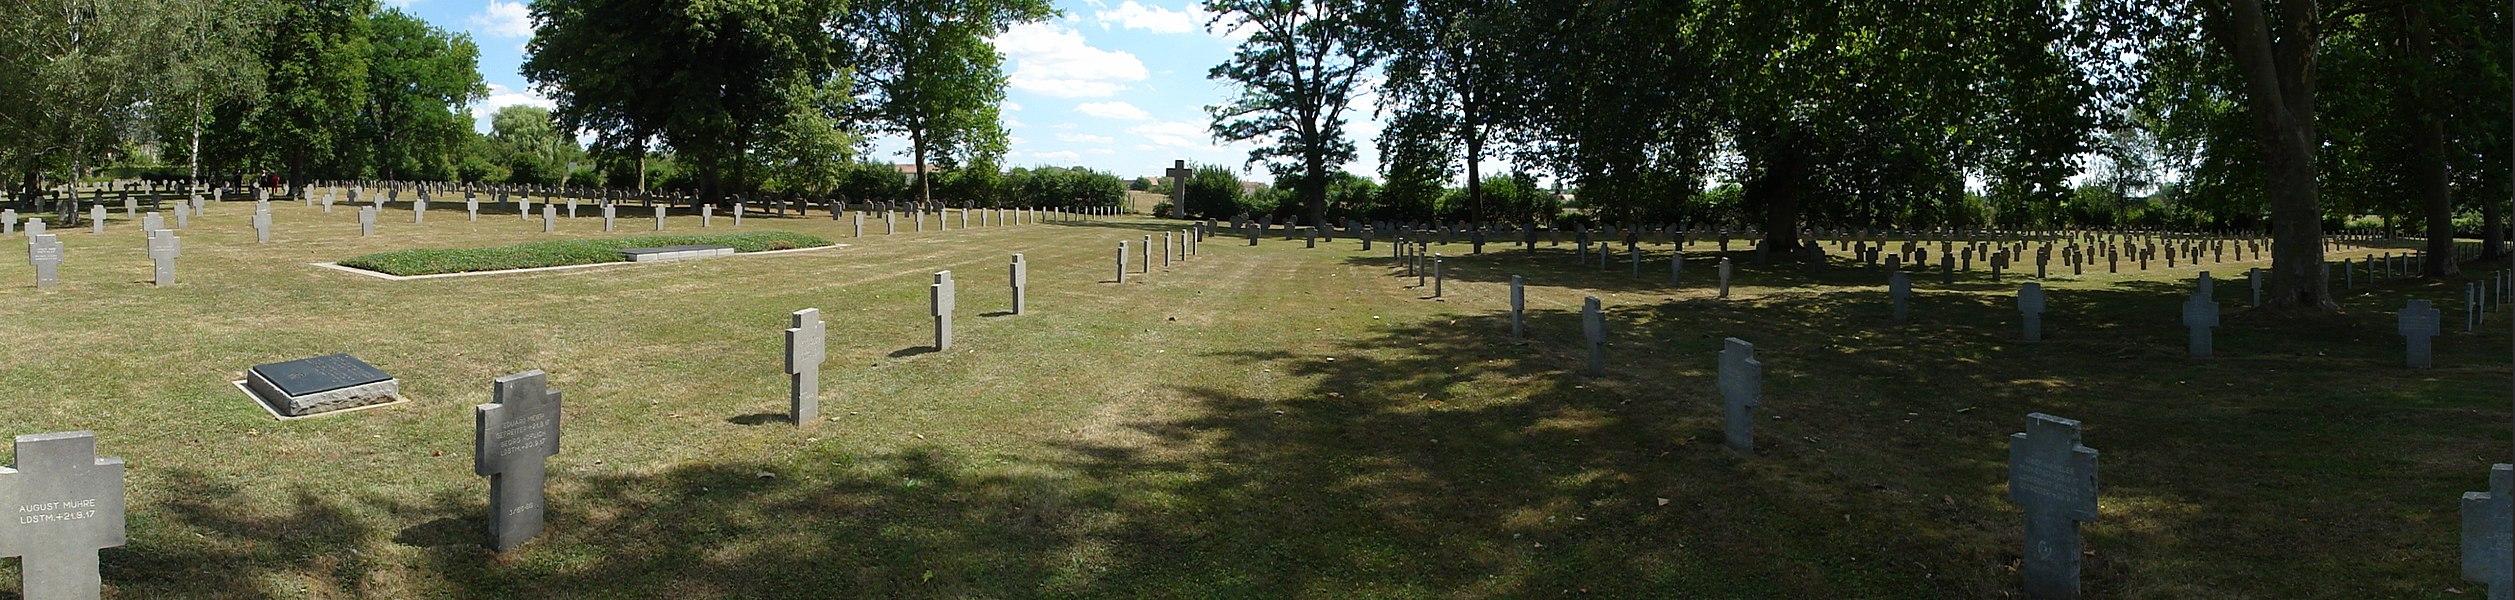 Mangiennes (Meuse) cimetière militaire allemand